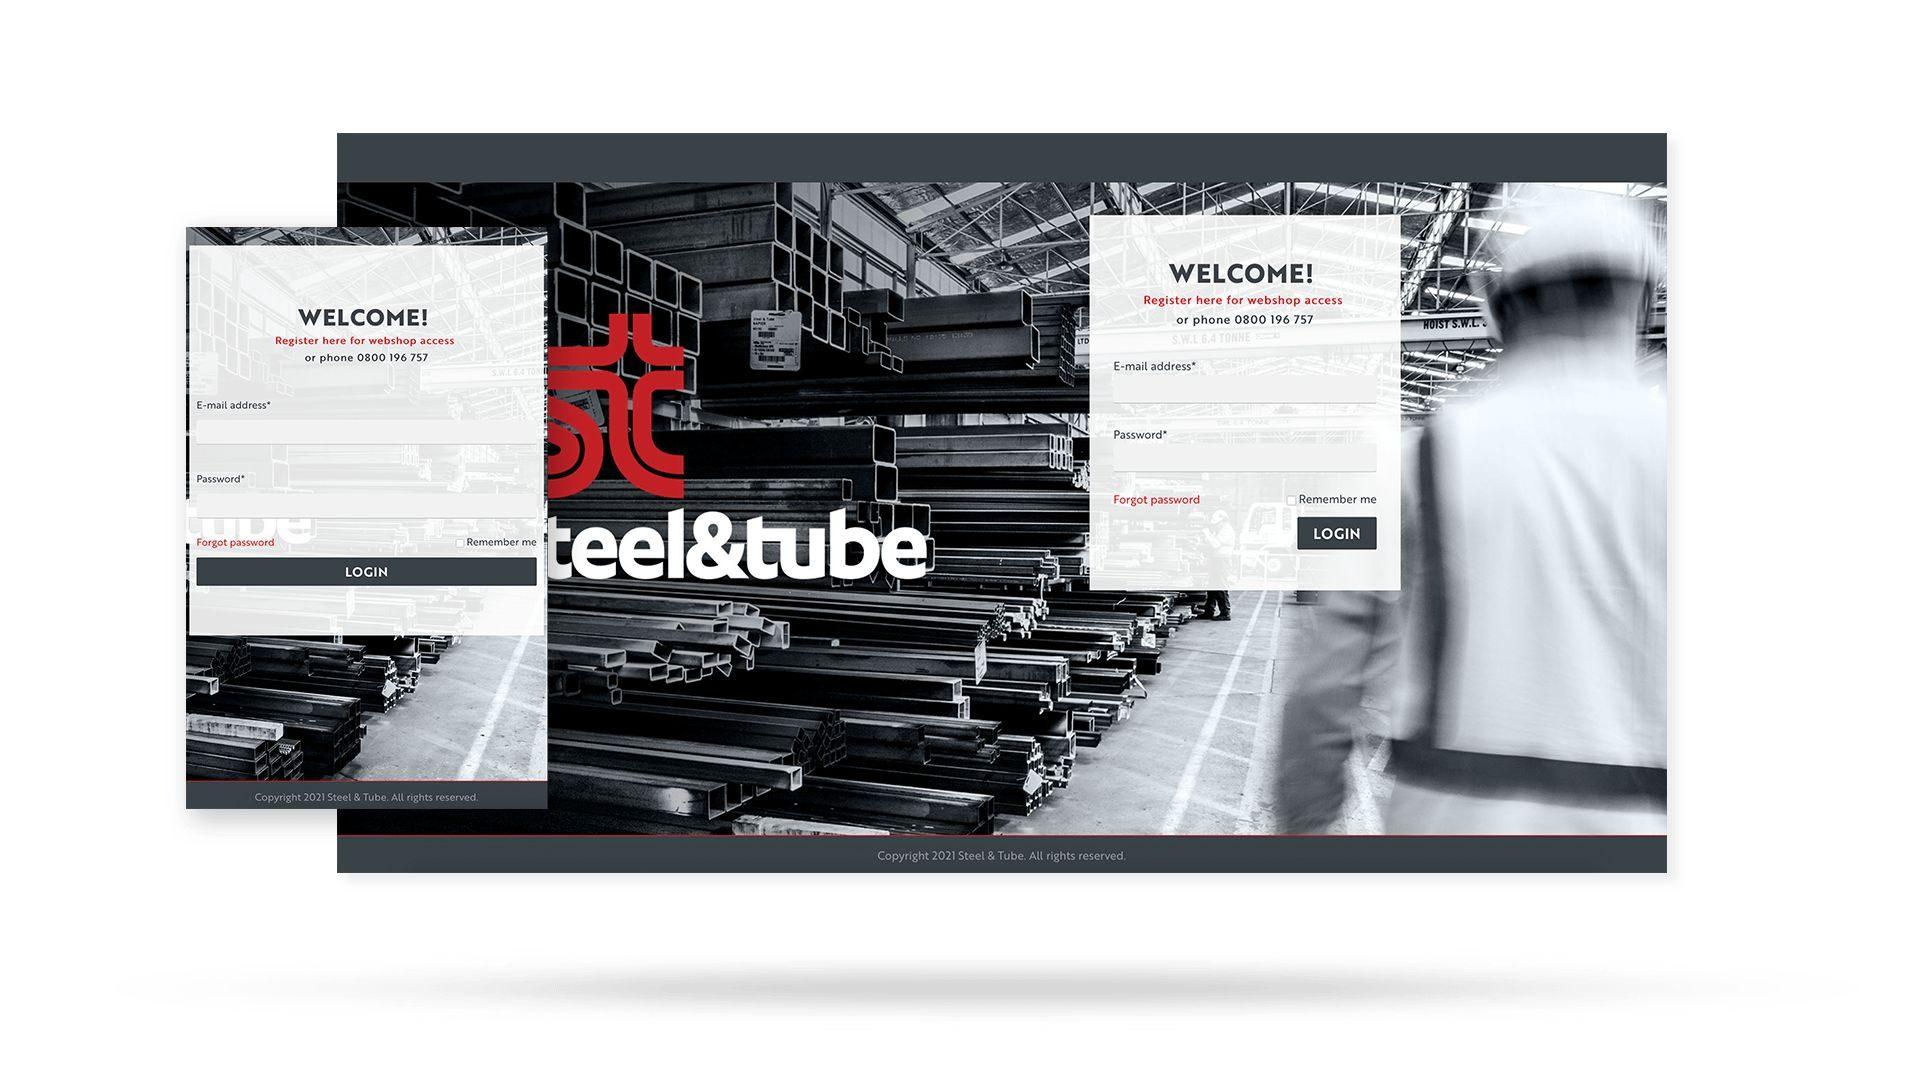 Steel & Tube's new Sana Commerce web store